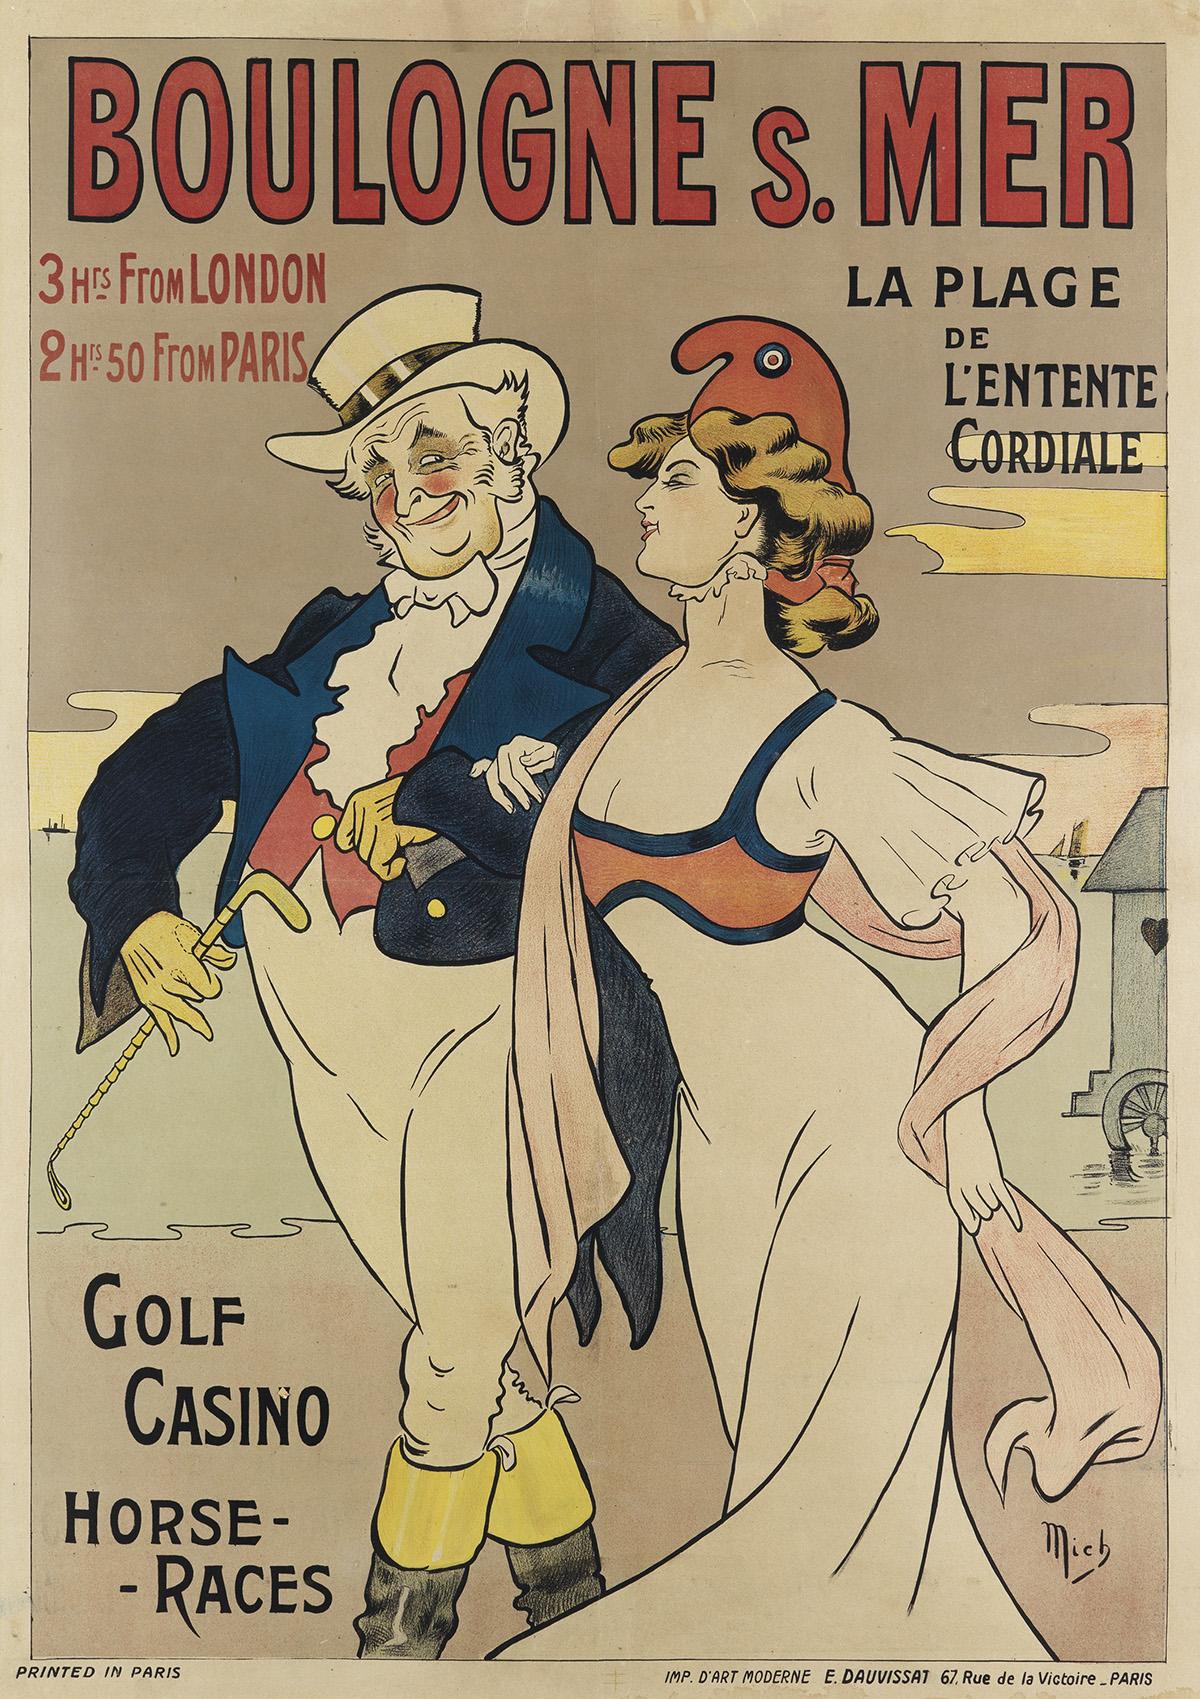 MICH (MICHEL LIEBEAUX, 1881-1923). BOULOGNE S. MER. Circa 1900. 41x29 inches, 106x74 cm. E. Dauvissat, Paris.